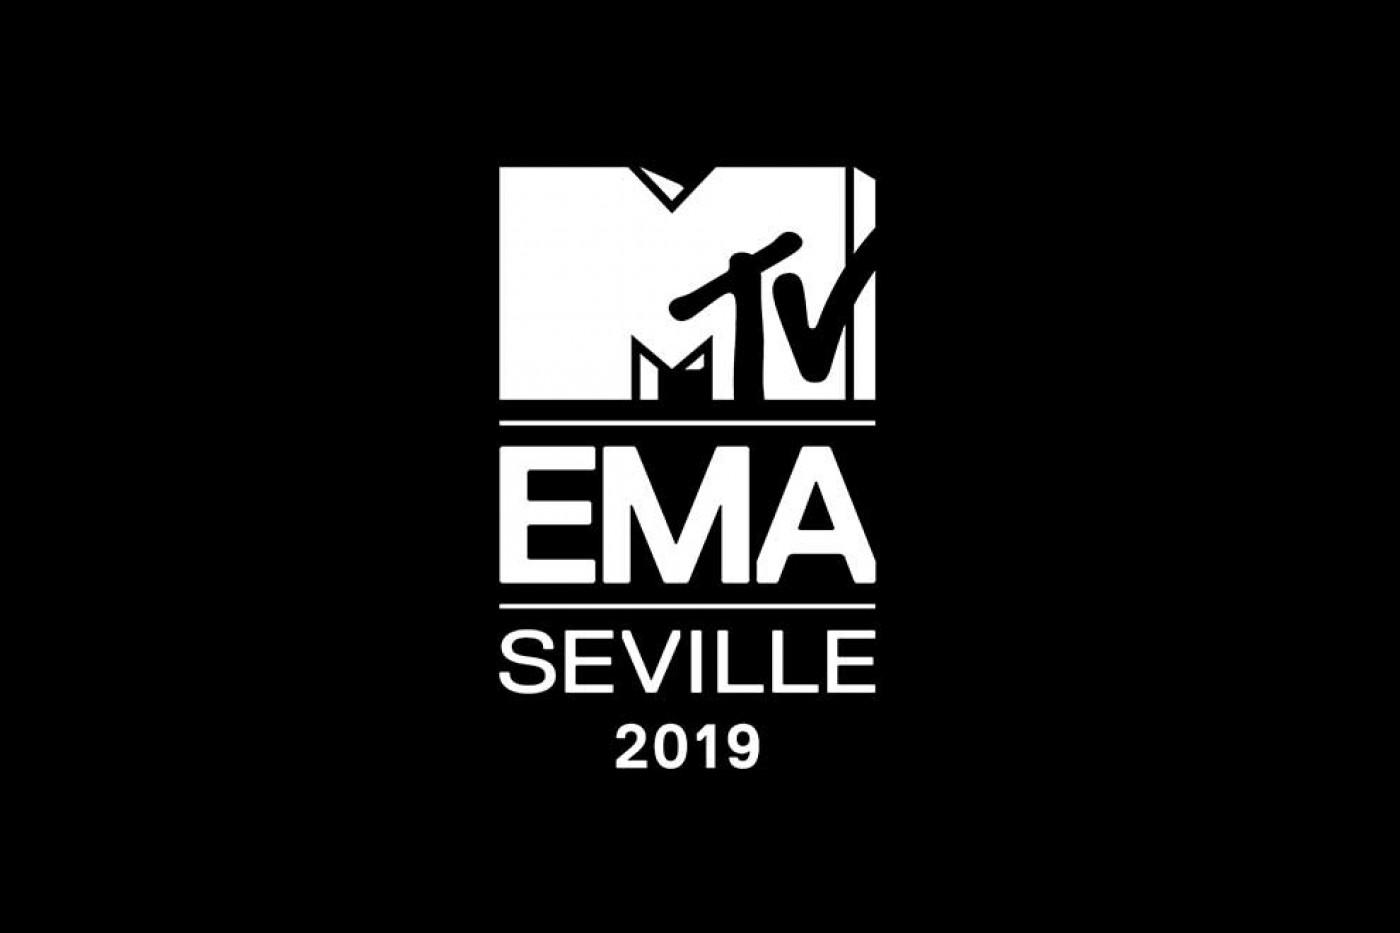 MTV EMA SEVILLA 2019.jpg